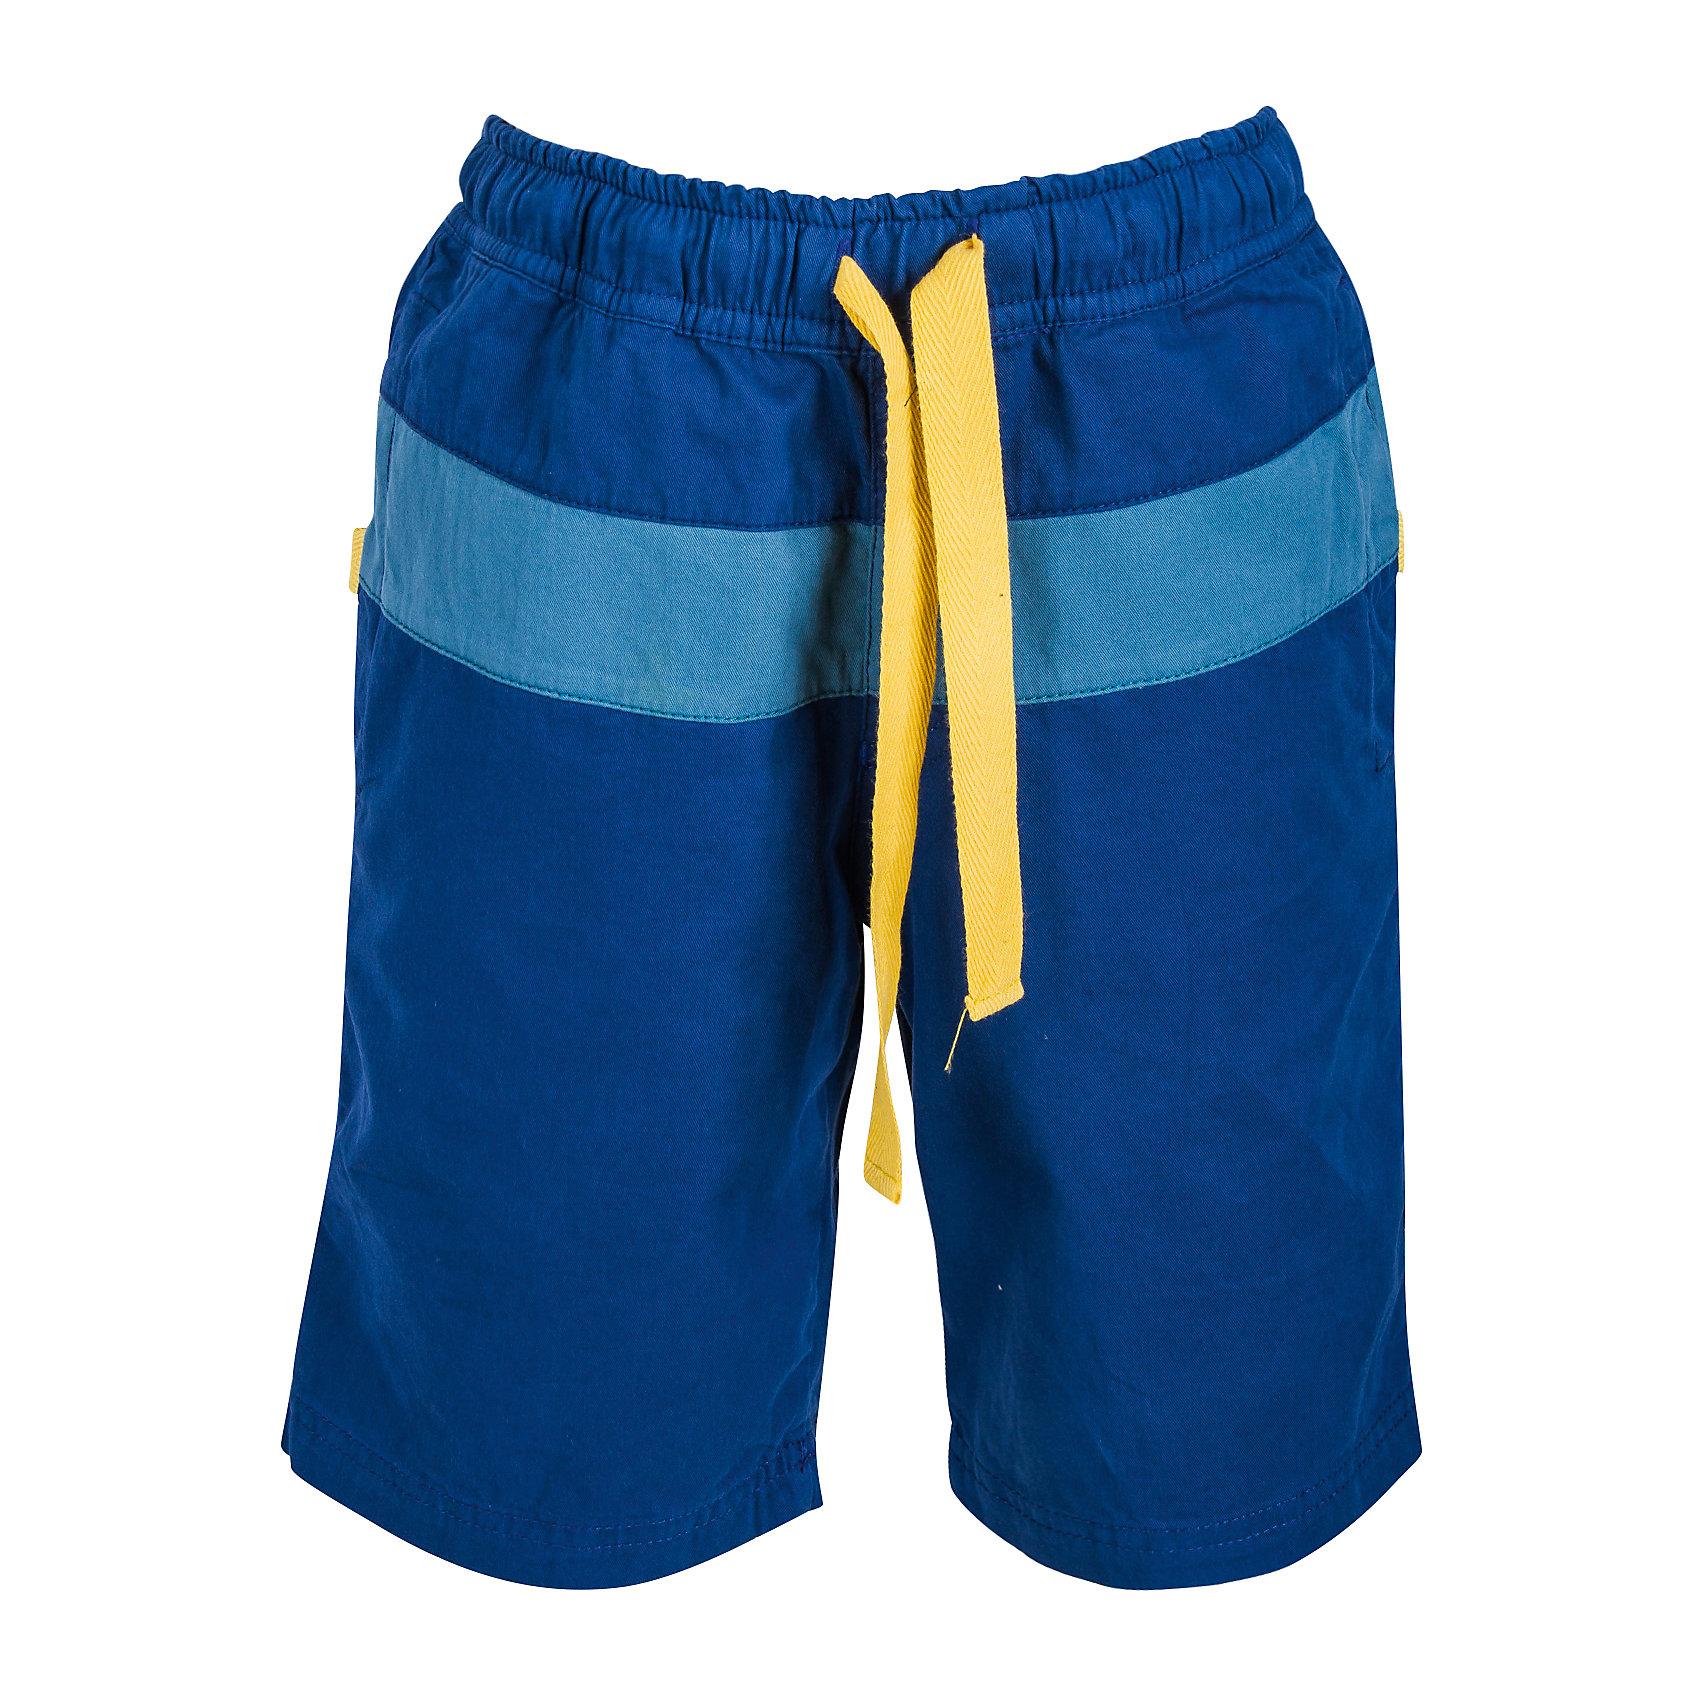 Шорты для мальчика Bell BimboОднотонные шорты с контрастной вставкой с двух сторон, один боковой карман, один накладной карман на липучке сзади, пояс на резинке + регулятор-шнурок. Состав: Твил 100% хлопок<br><br>Ширина мм: 191<br>Глубина мм: 10<br>Высота мм: 175<br>Вес г: 273<br>Цвет: синий<br>Возраст от месяцев: 24<br>Возраст до месяцев: 36<br>Пол: Мужской<br>Возраст: Детский<br>Размер: 98,116,110,104,122<br>SKU: 4645462